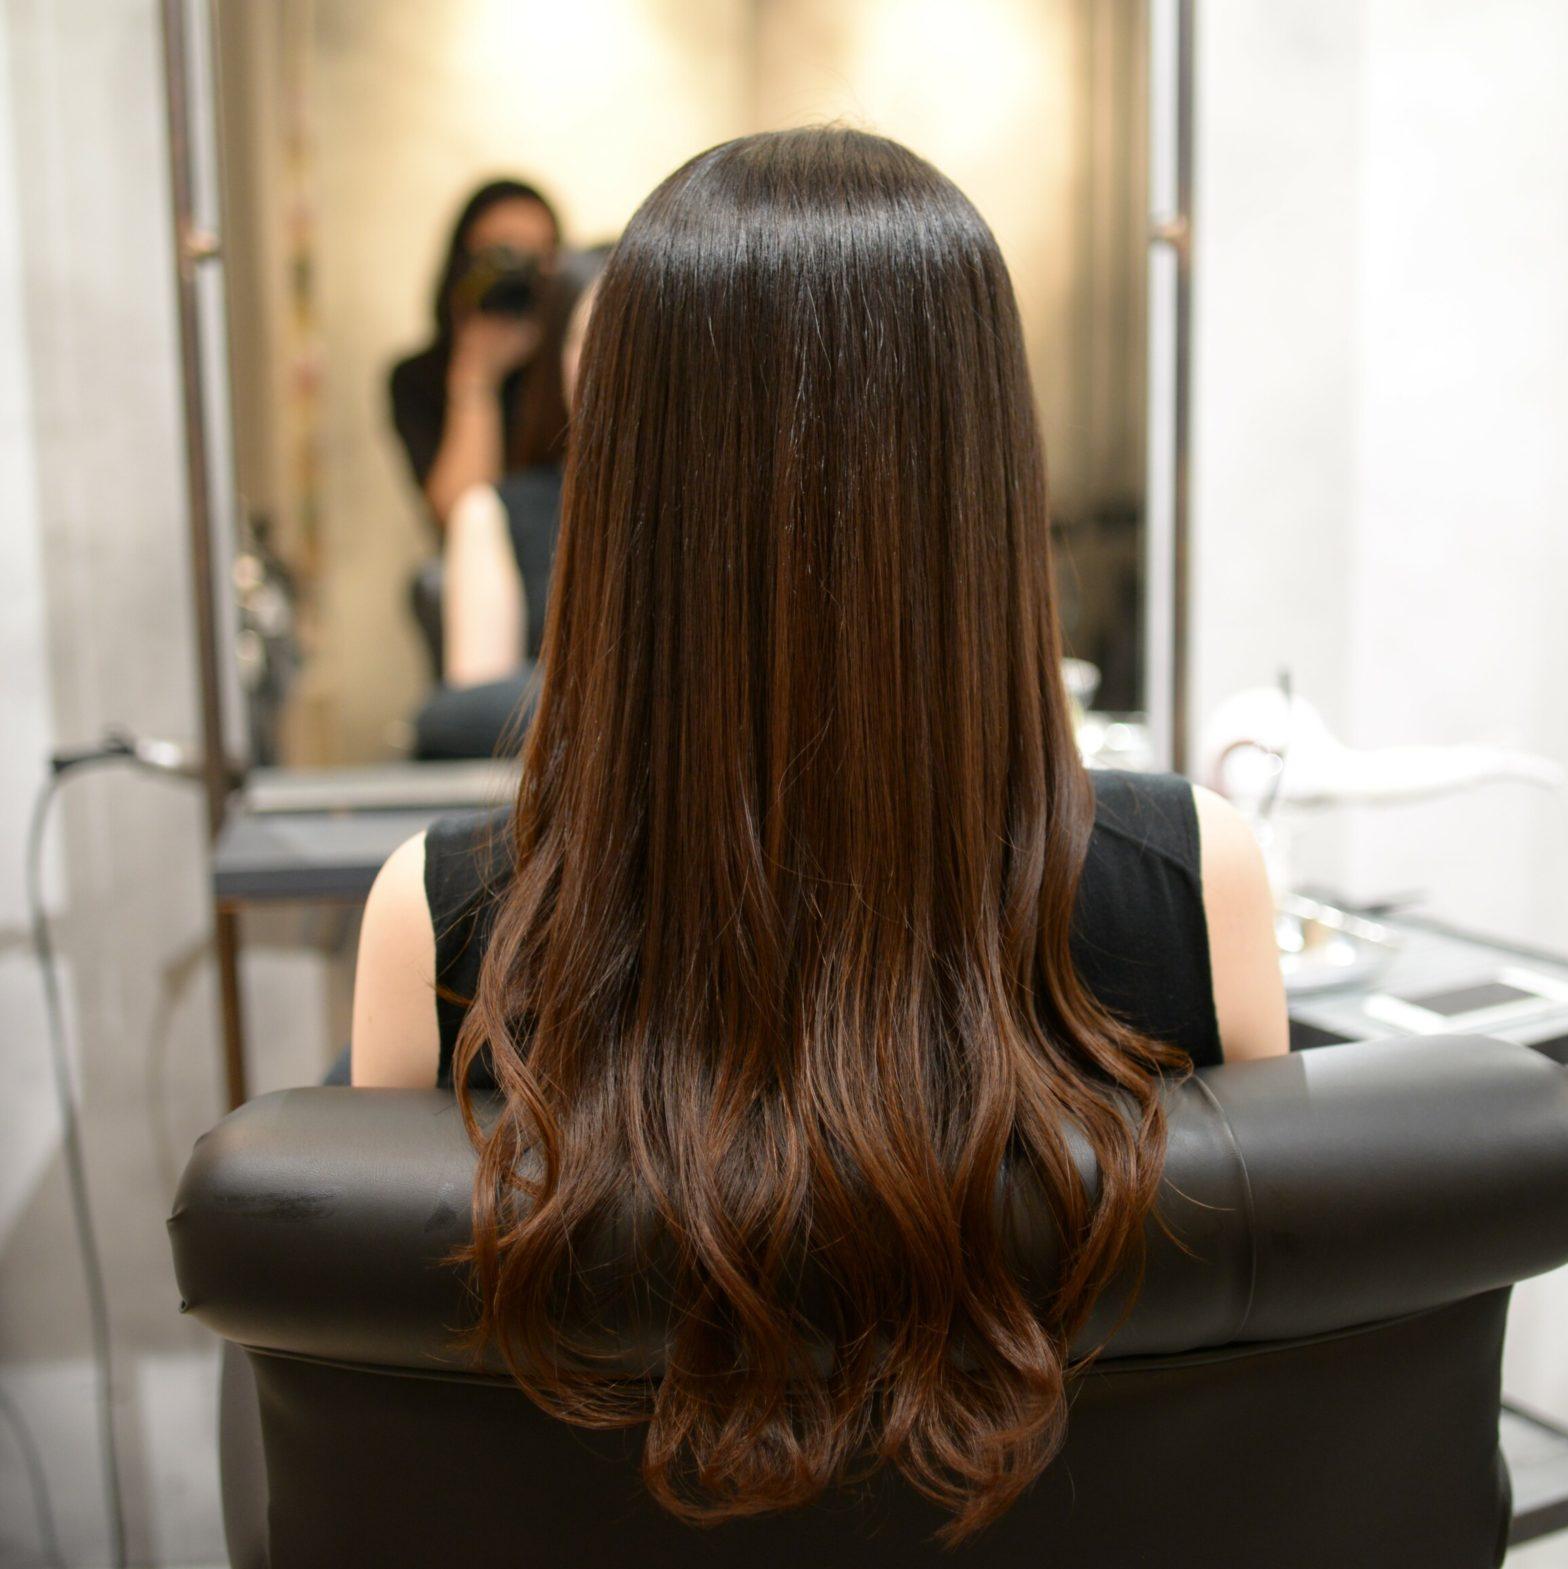 名古屋栄・伏見の美容室 髪質改善 美髪チャージが人気の美容院 HANSの縮毛矯正